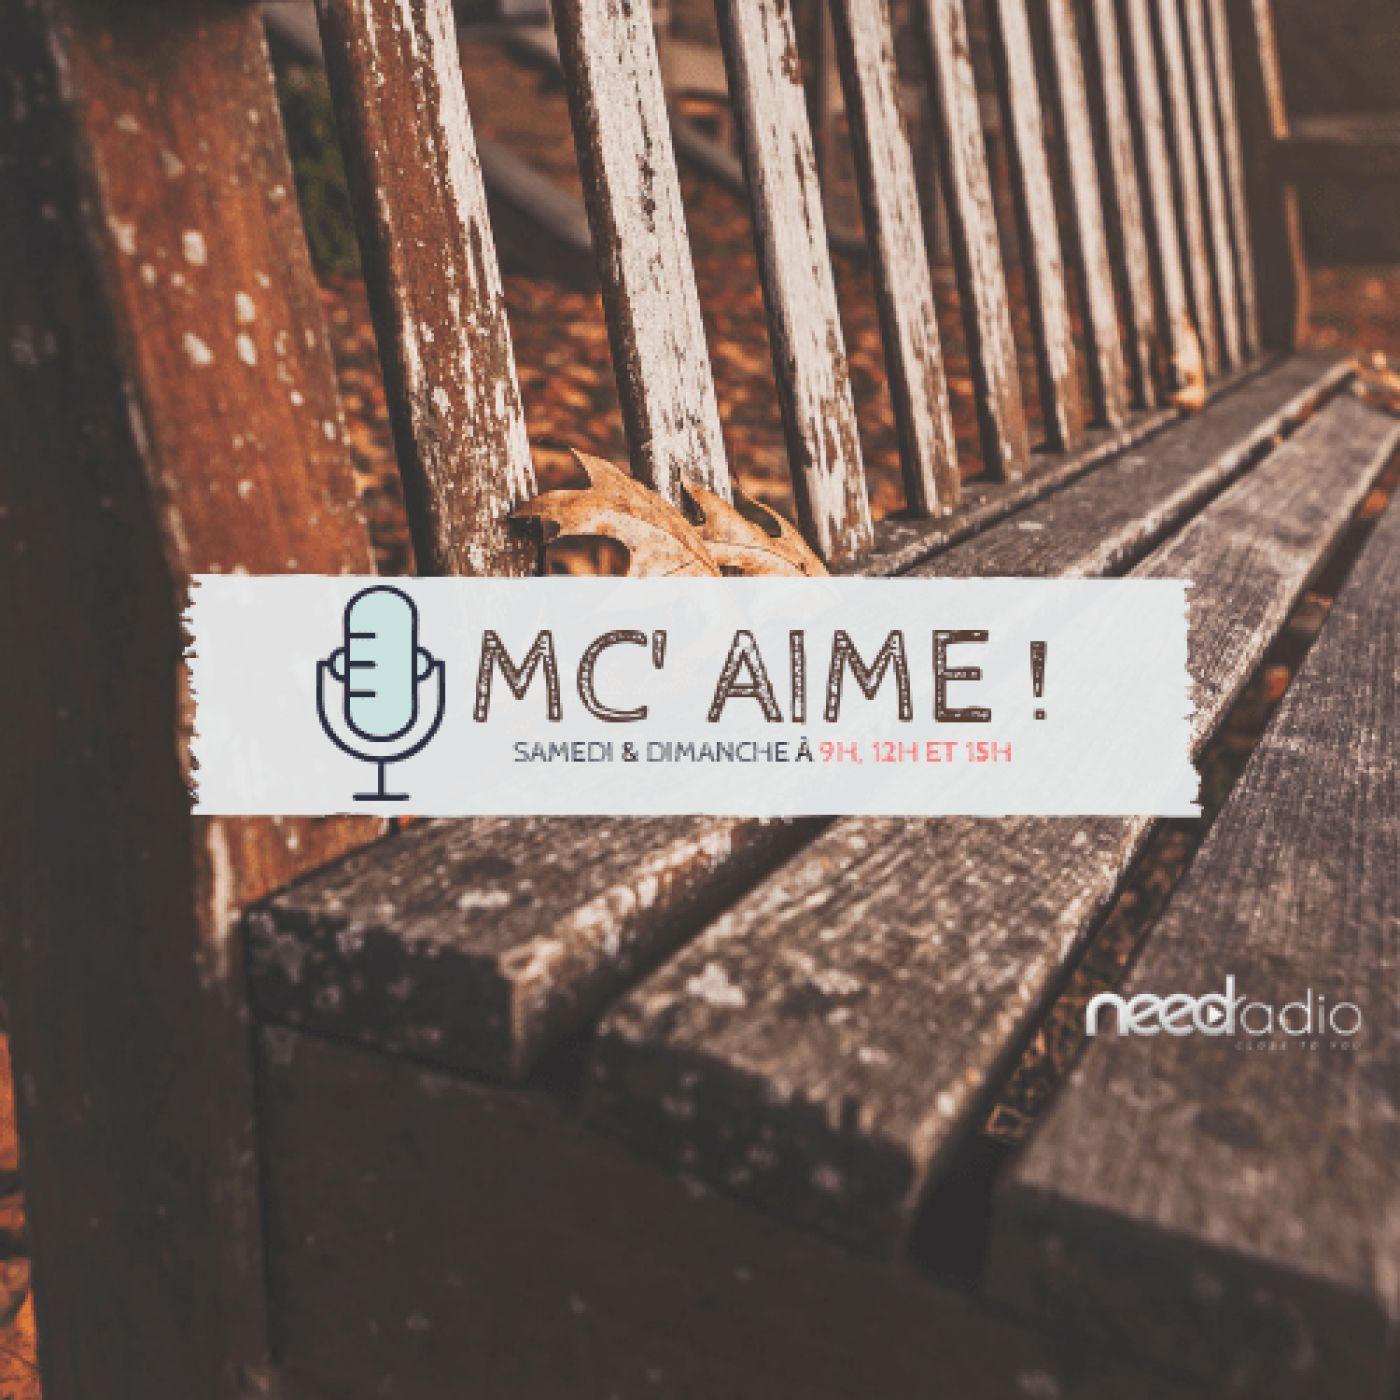 MC' Aime - La vie sans toi de Xavier De Moulins (25/05/19)